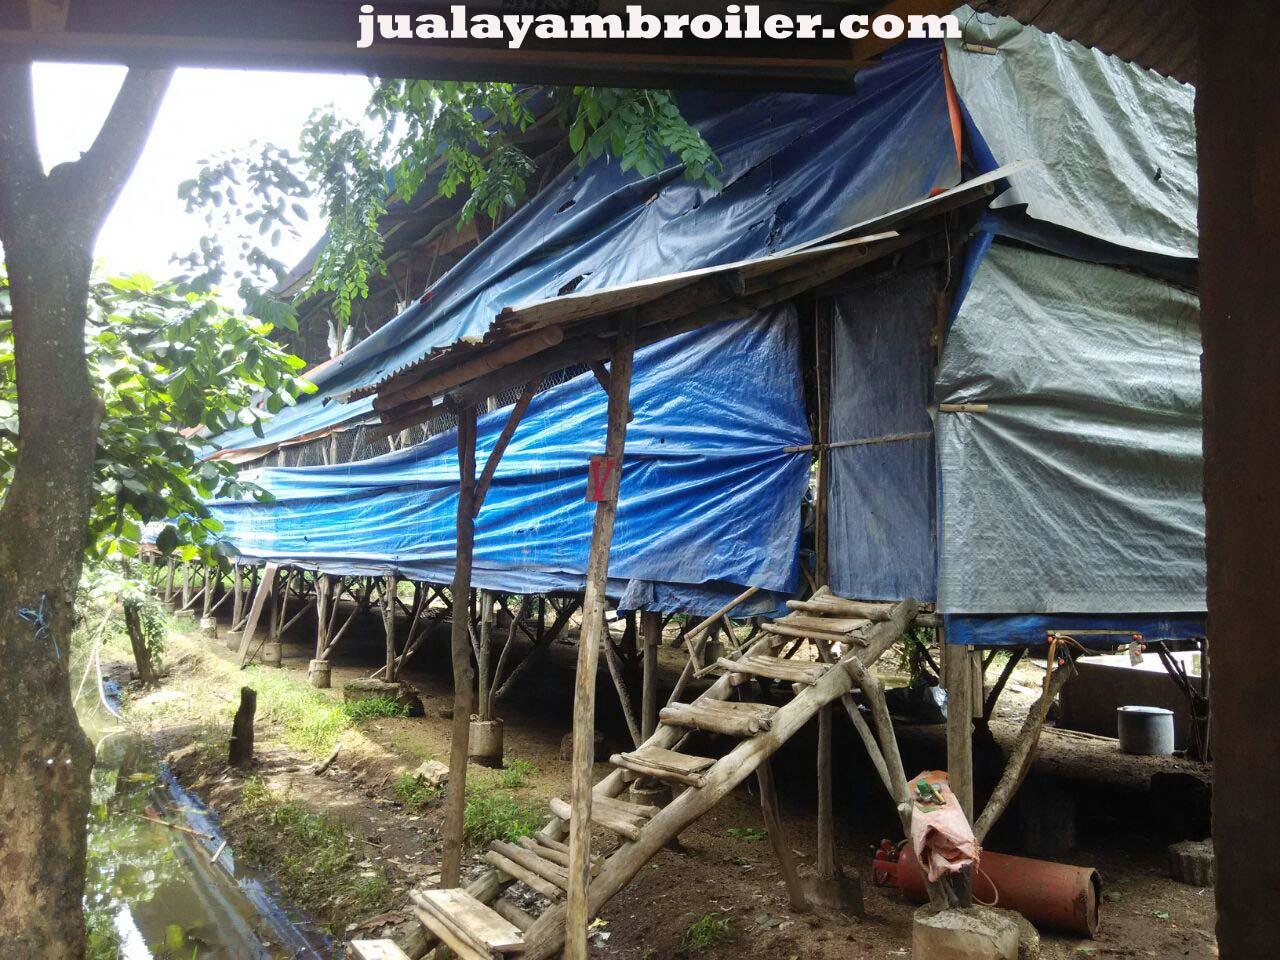 Jual Ayam Broiler Makasar Jakarta Timur